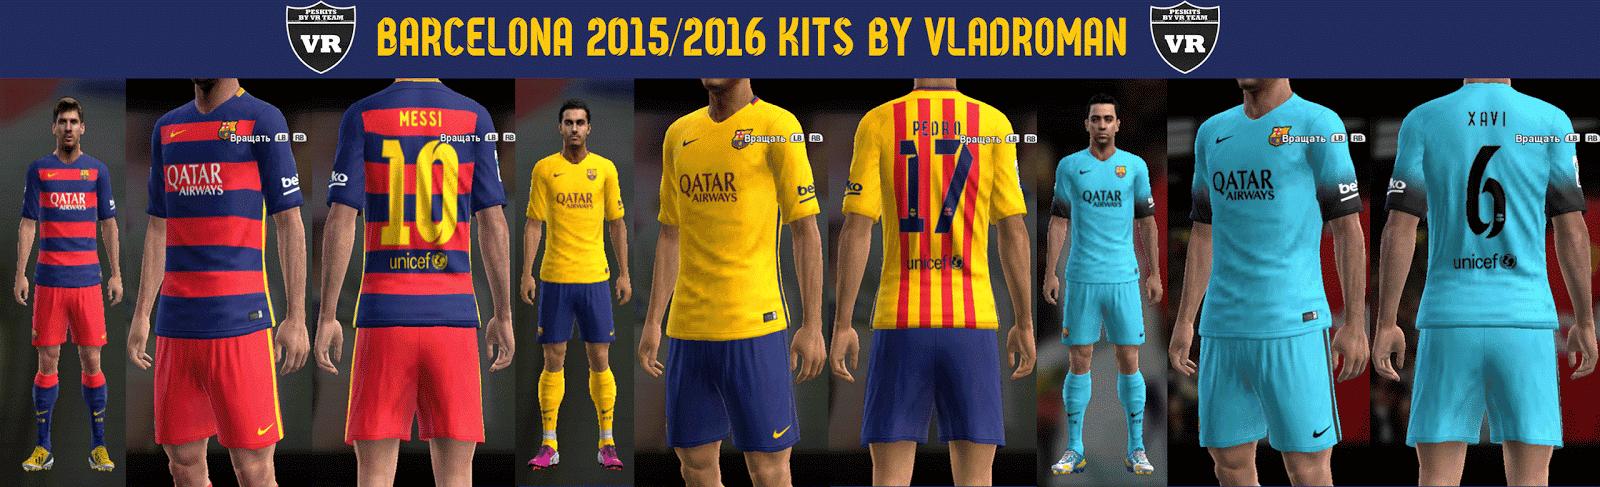 PES 2013 FC Barcelona 15/16 kits by vladroman